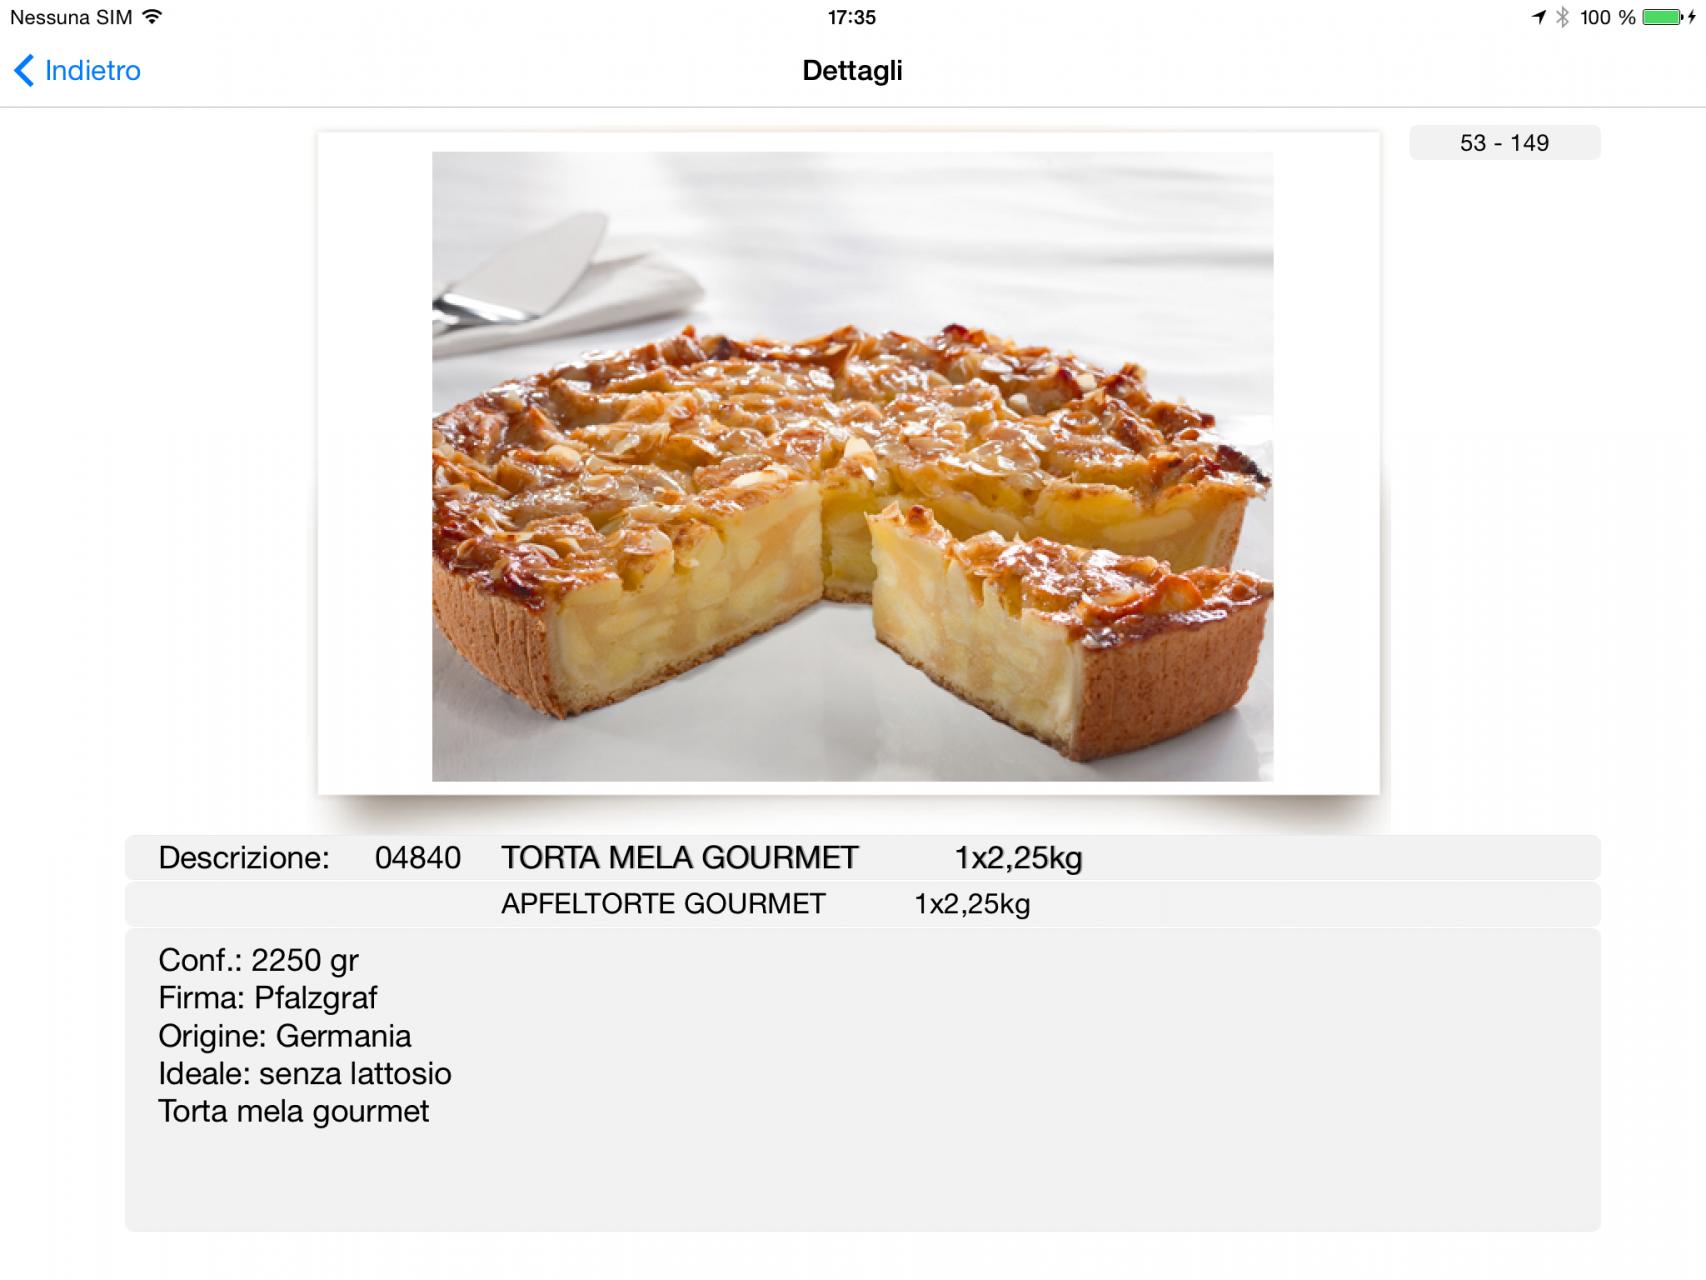 Visualizzazione dettagli del prodotto con foto e descrizione completa